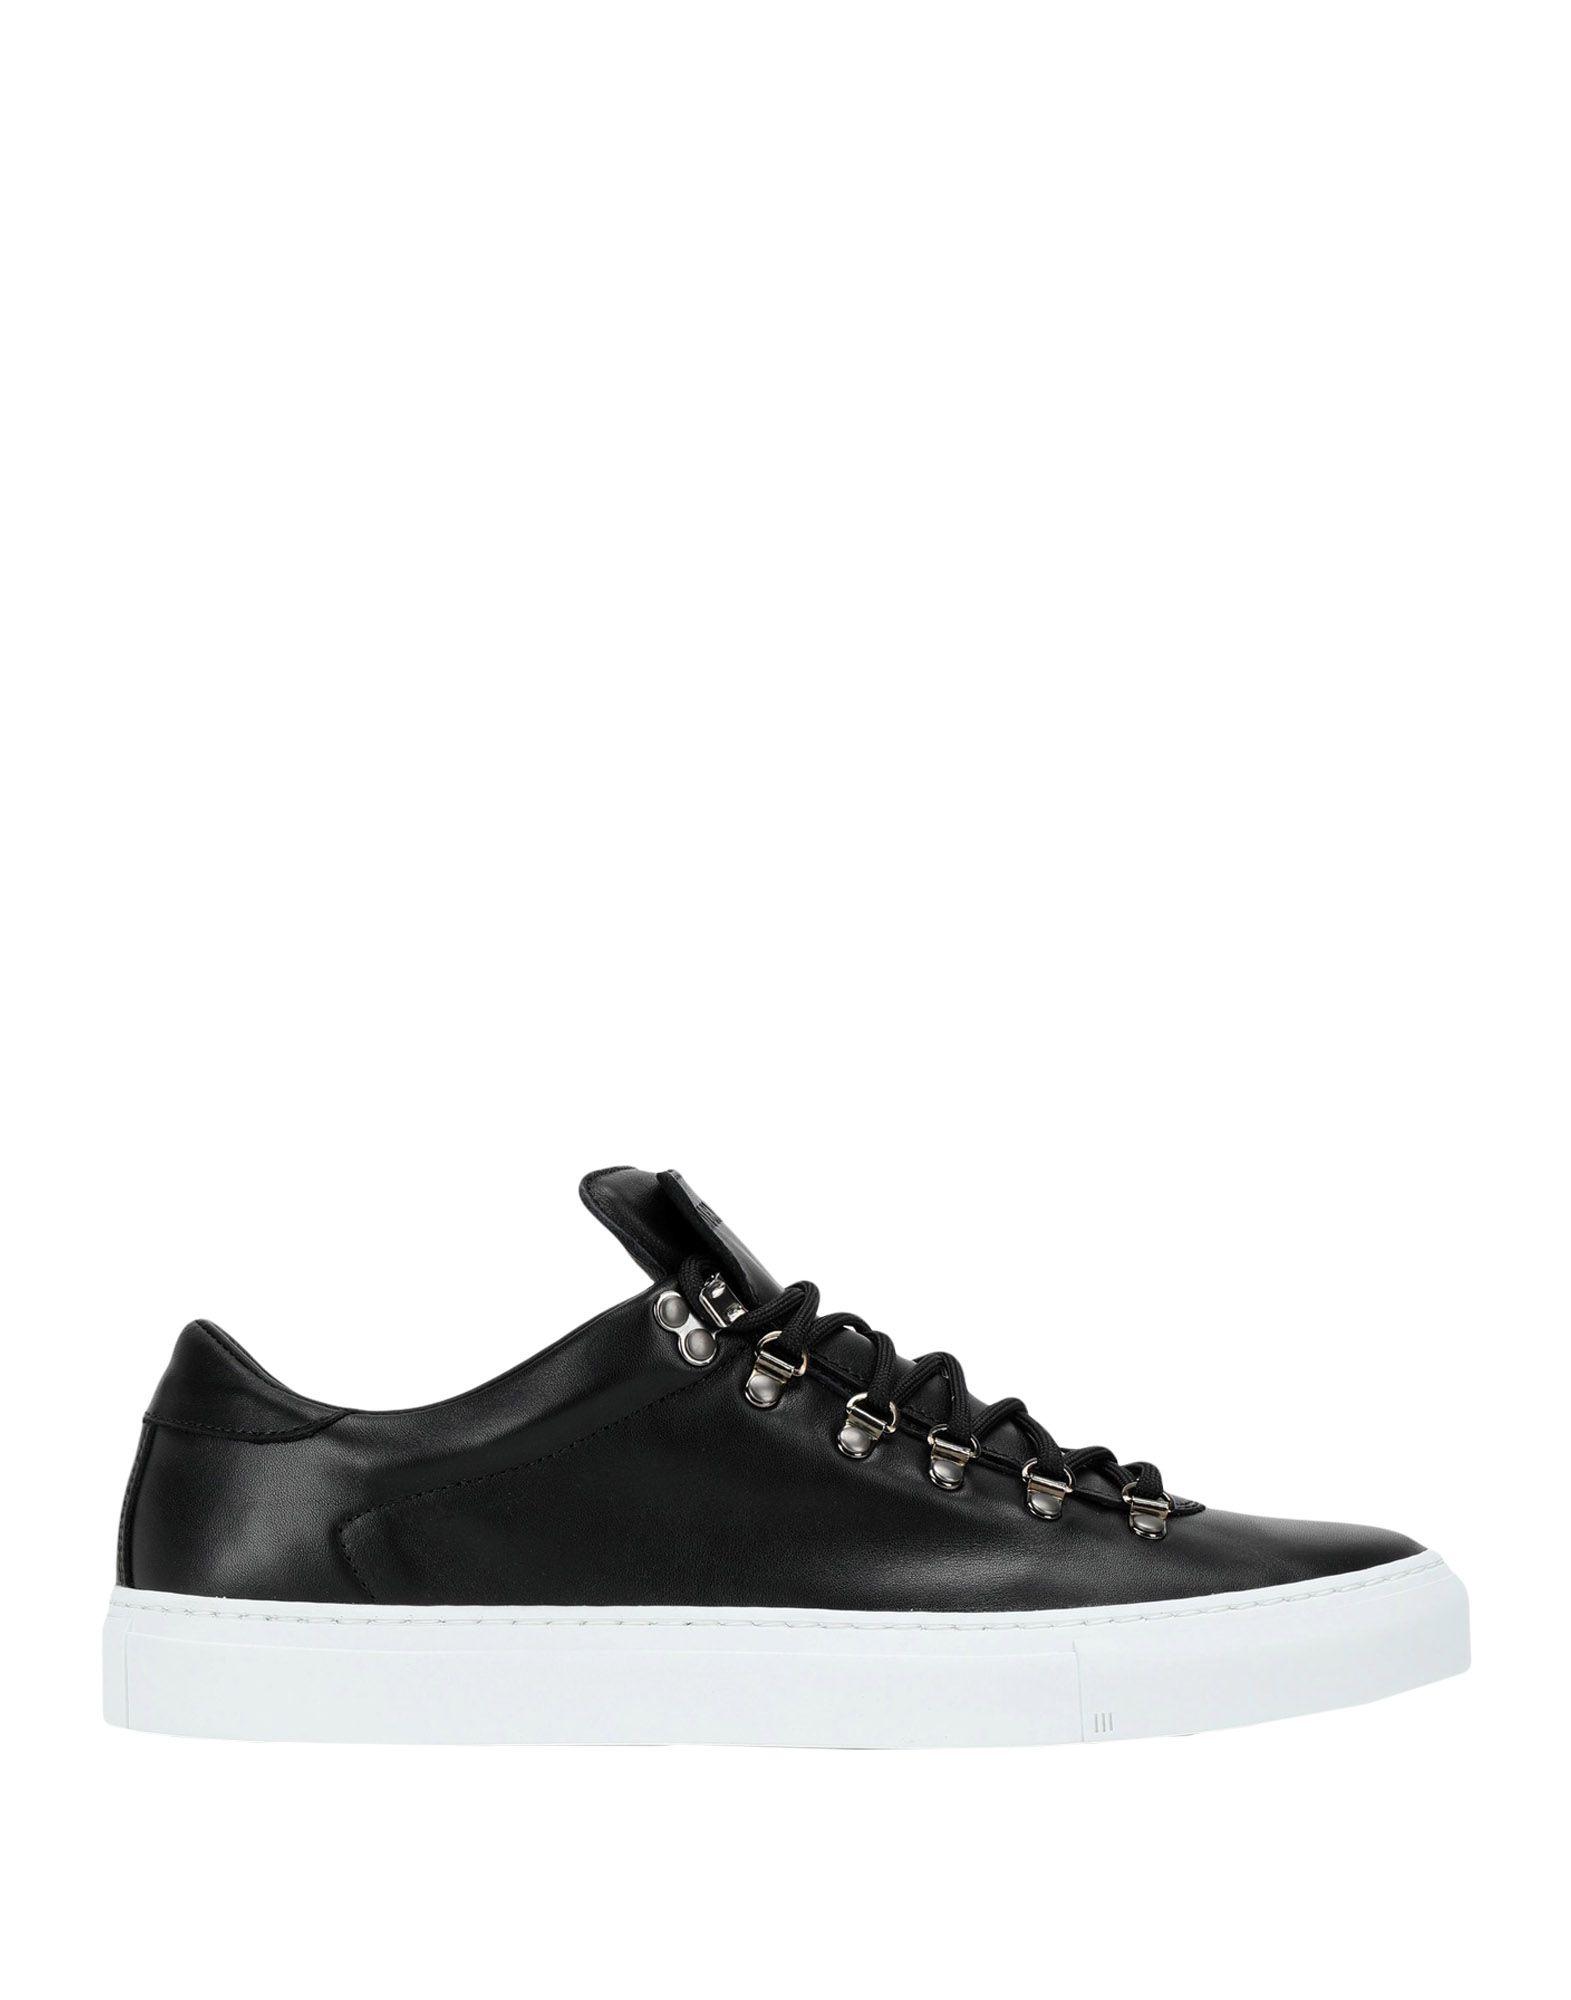 Diemme Marostica Qualität Low  11547890CK Gute Qualität Marostica beliebte Schuhe 46dacc